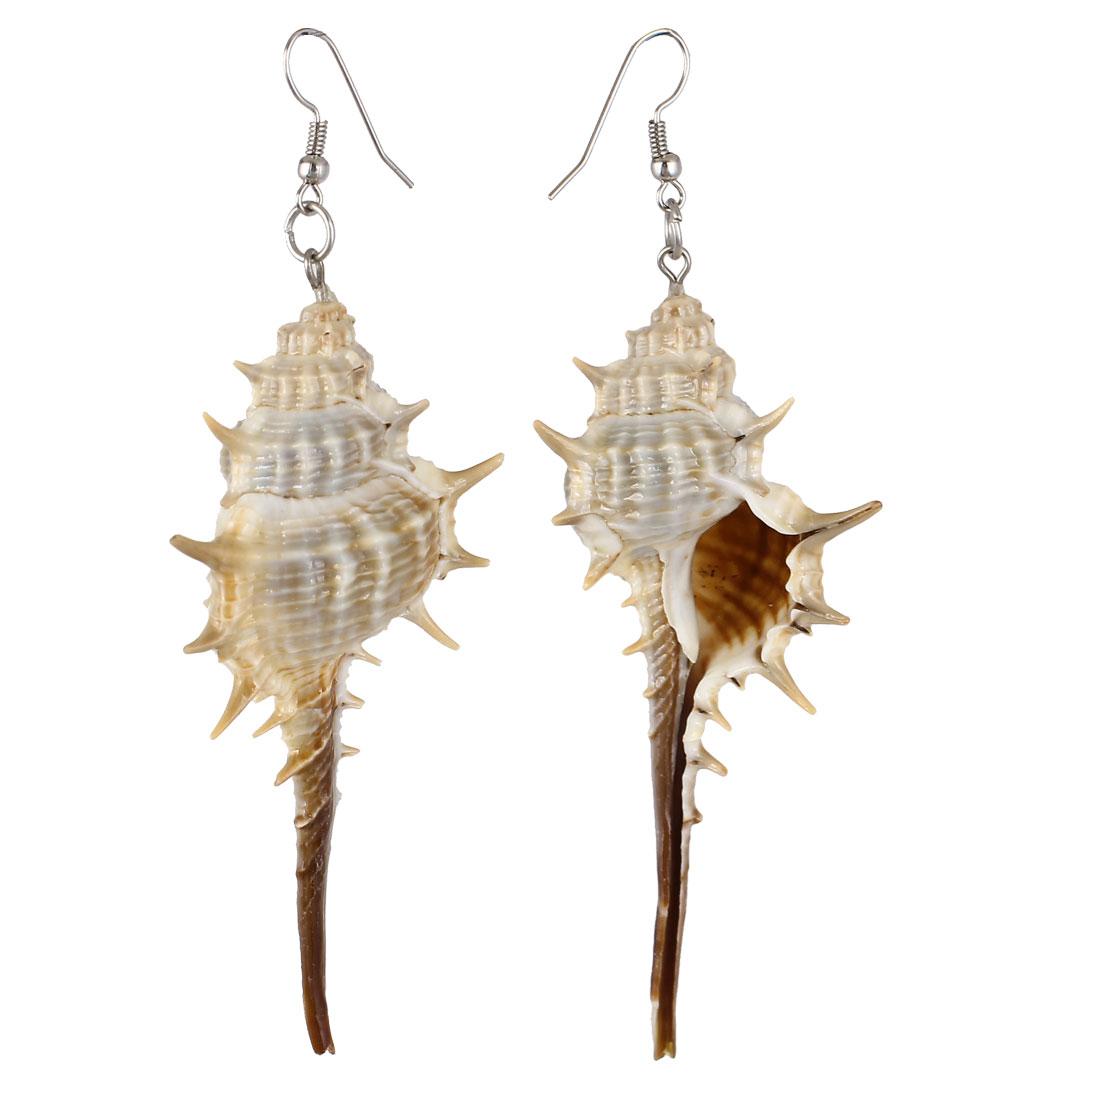 Lady Woman Cuspidal Shell Pendant Fish Hook Earrings Eardrops Pair